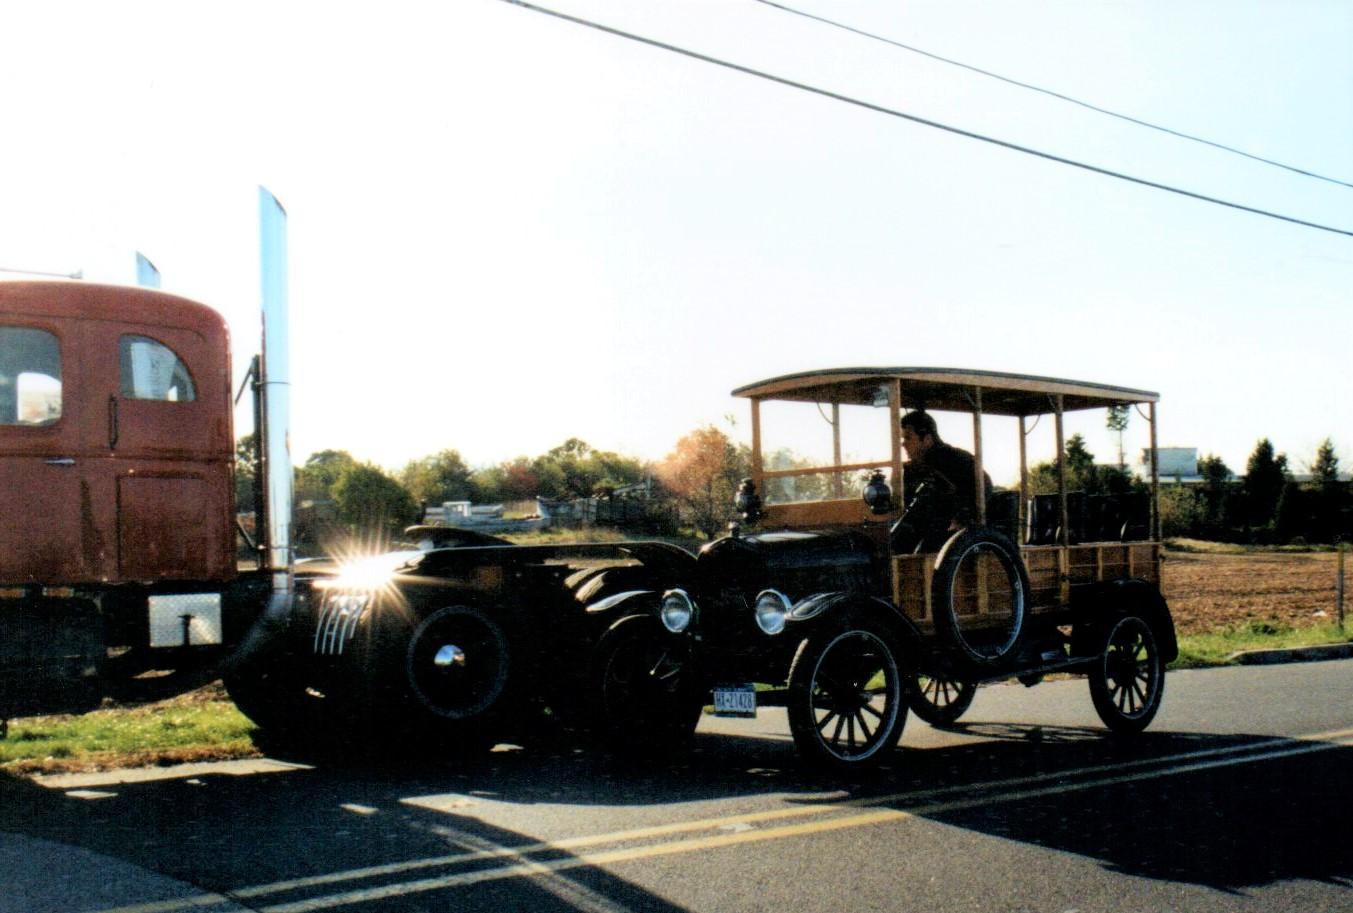 James Tavernese arriving in his 1924 Model T Depot Hack